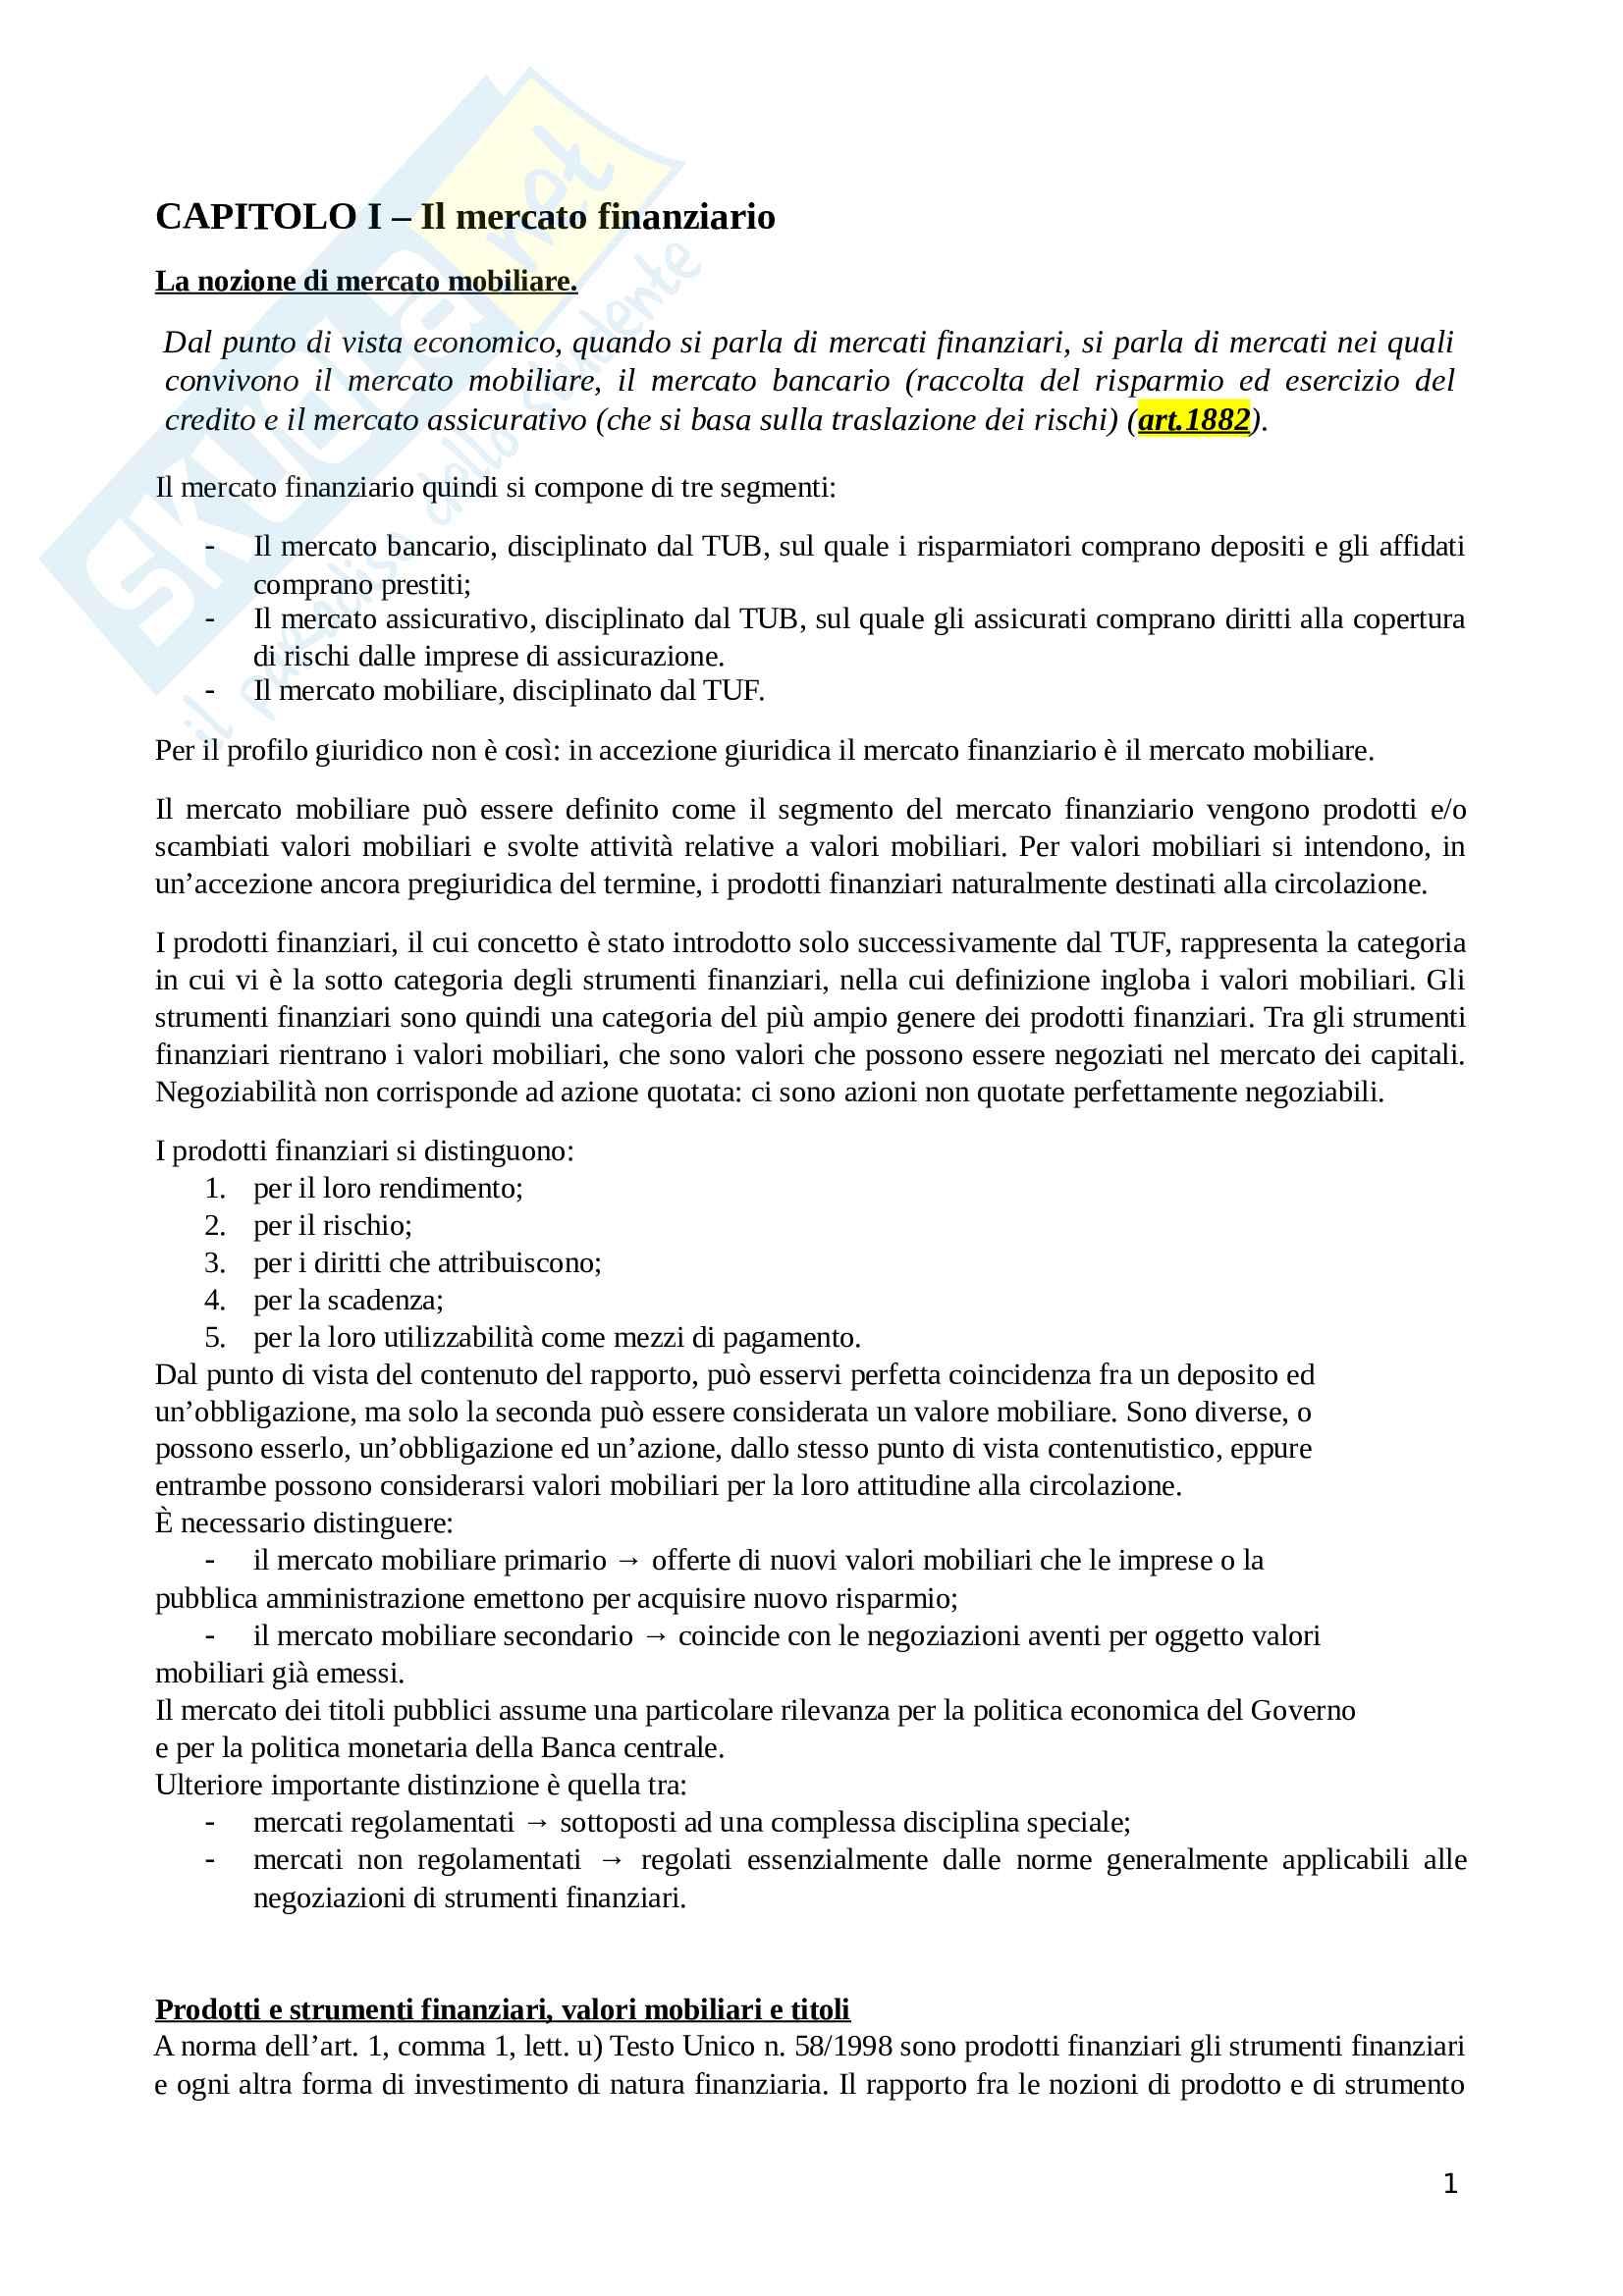 Diritto dei mercati finanziari, prof Regoli